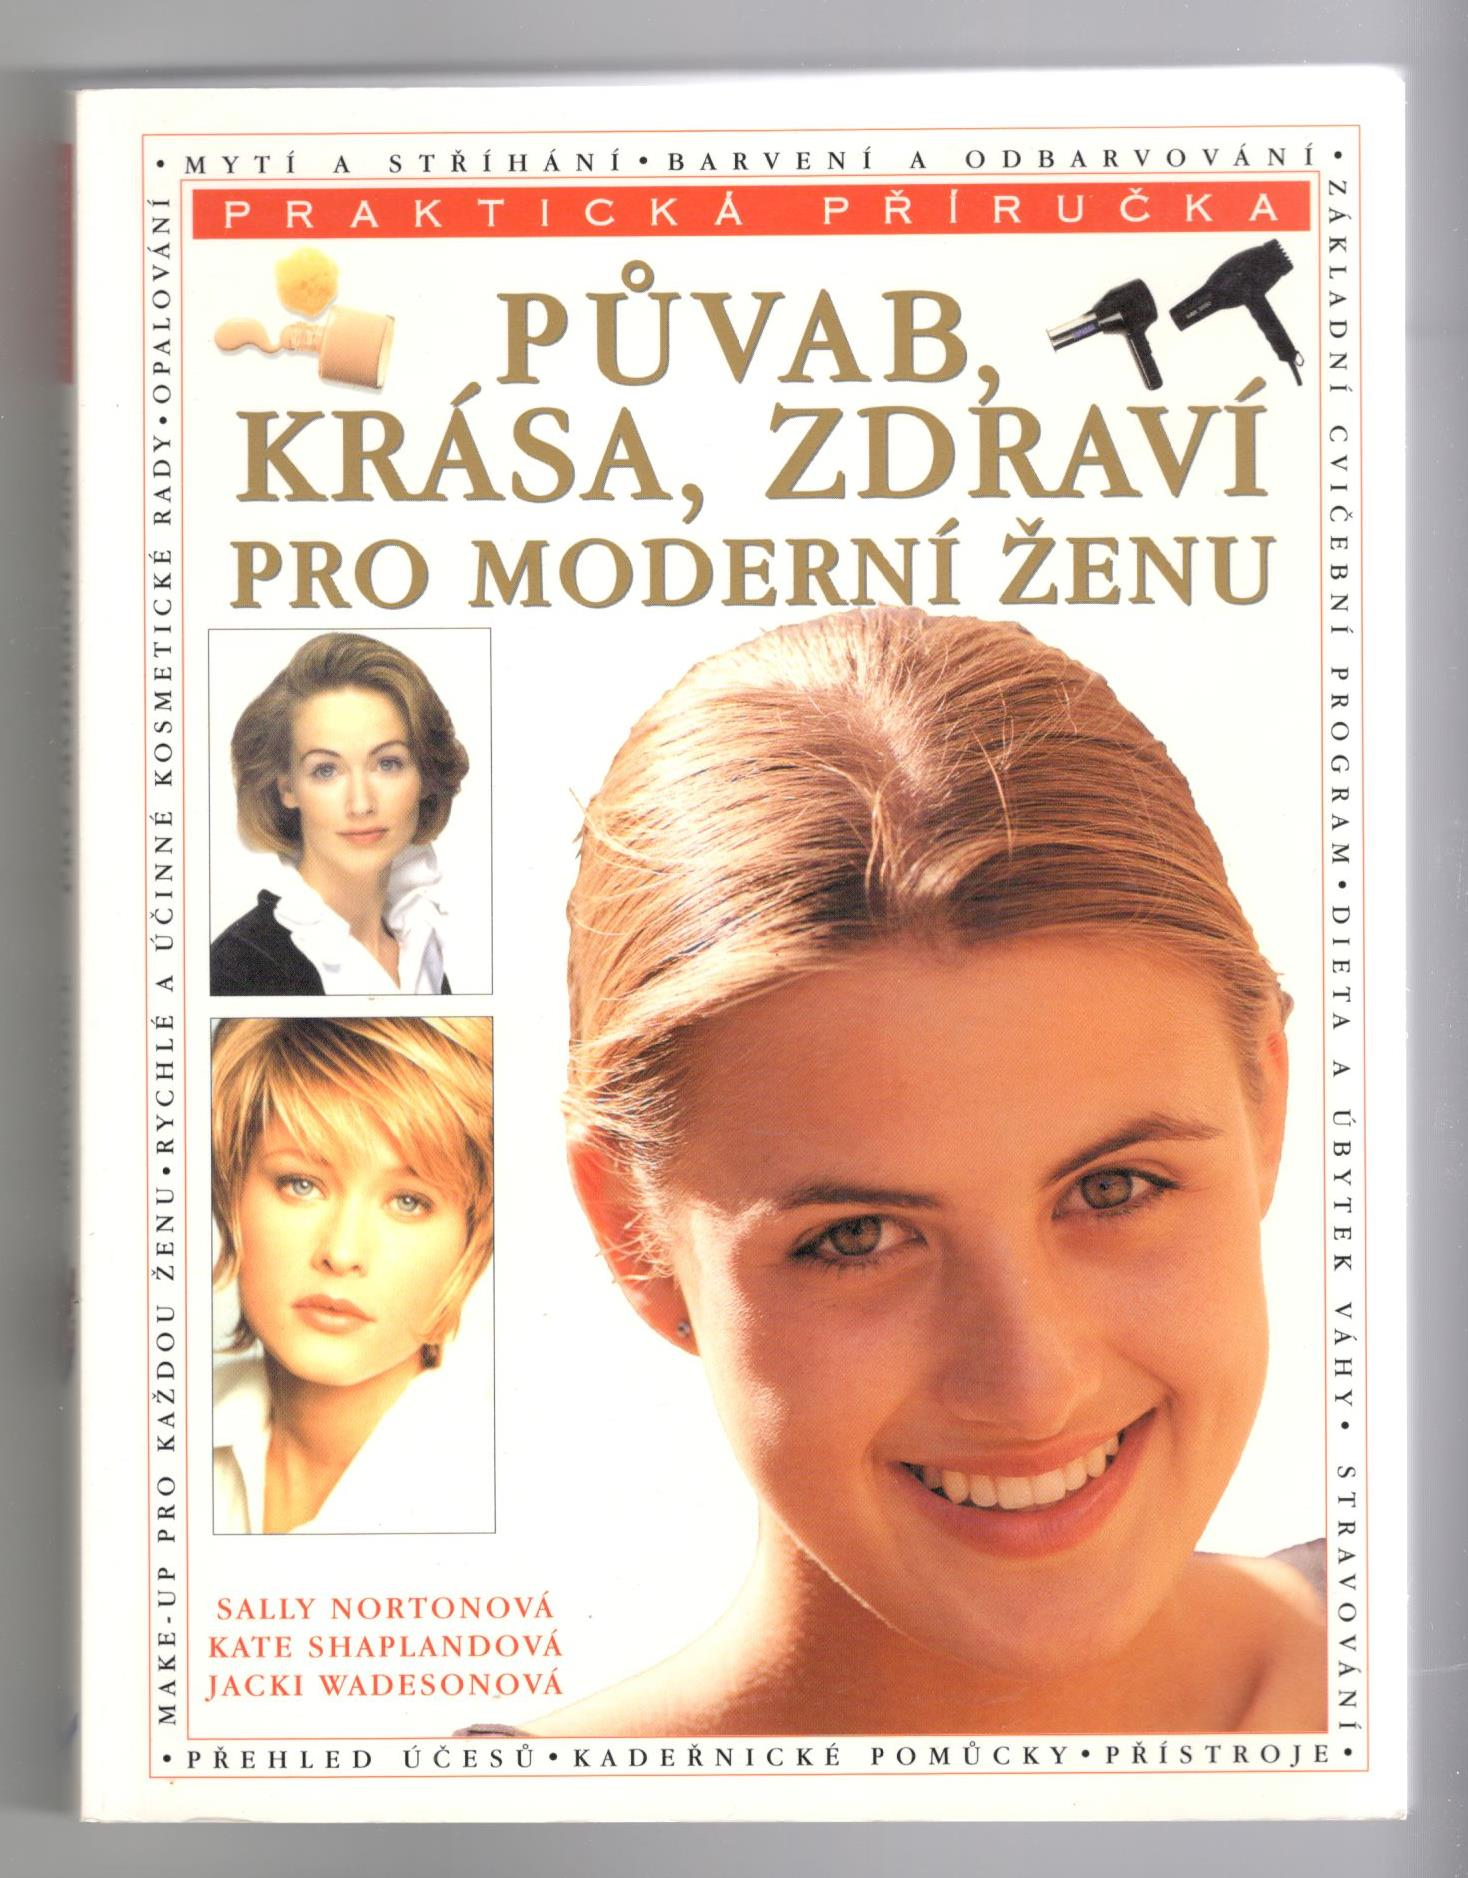 Půvab, krása, zdraví pro moderní ženu - Jackie Wadeson, Kate Shapland, Sally Norton